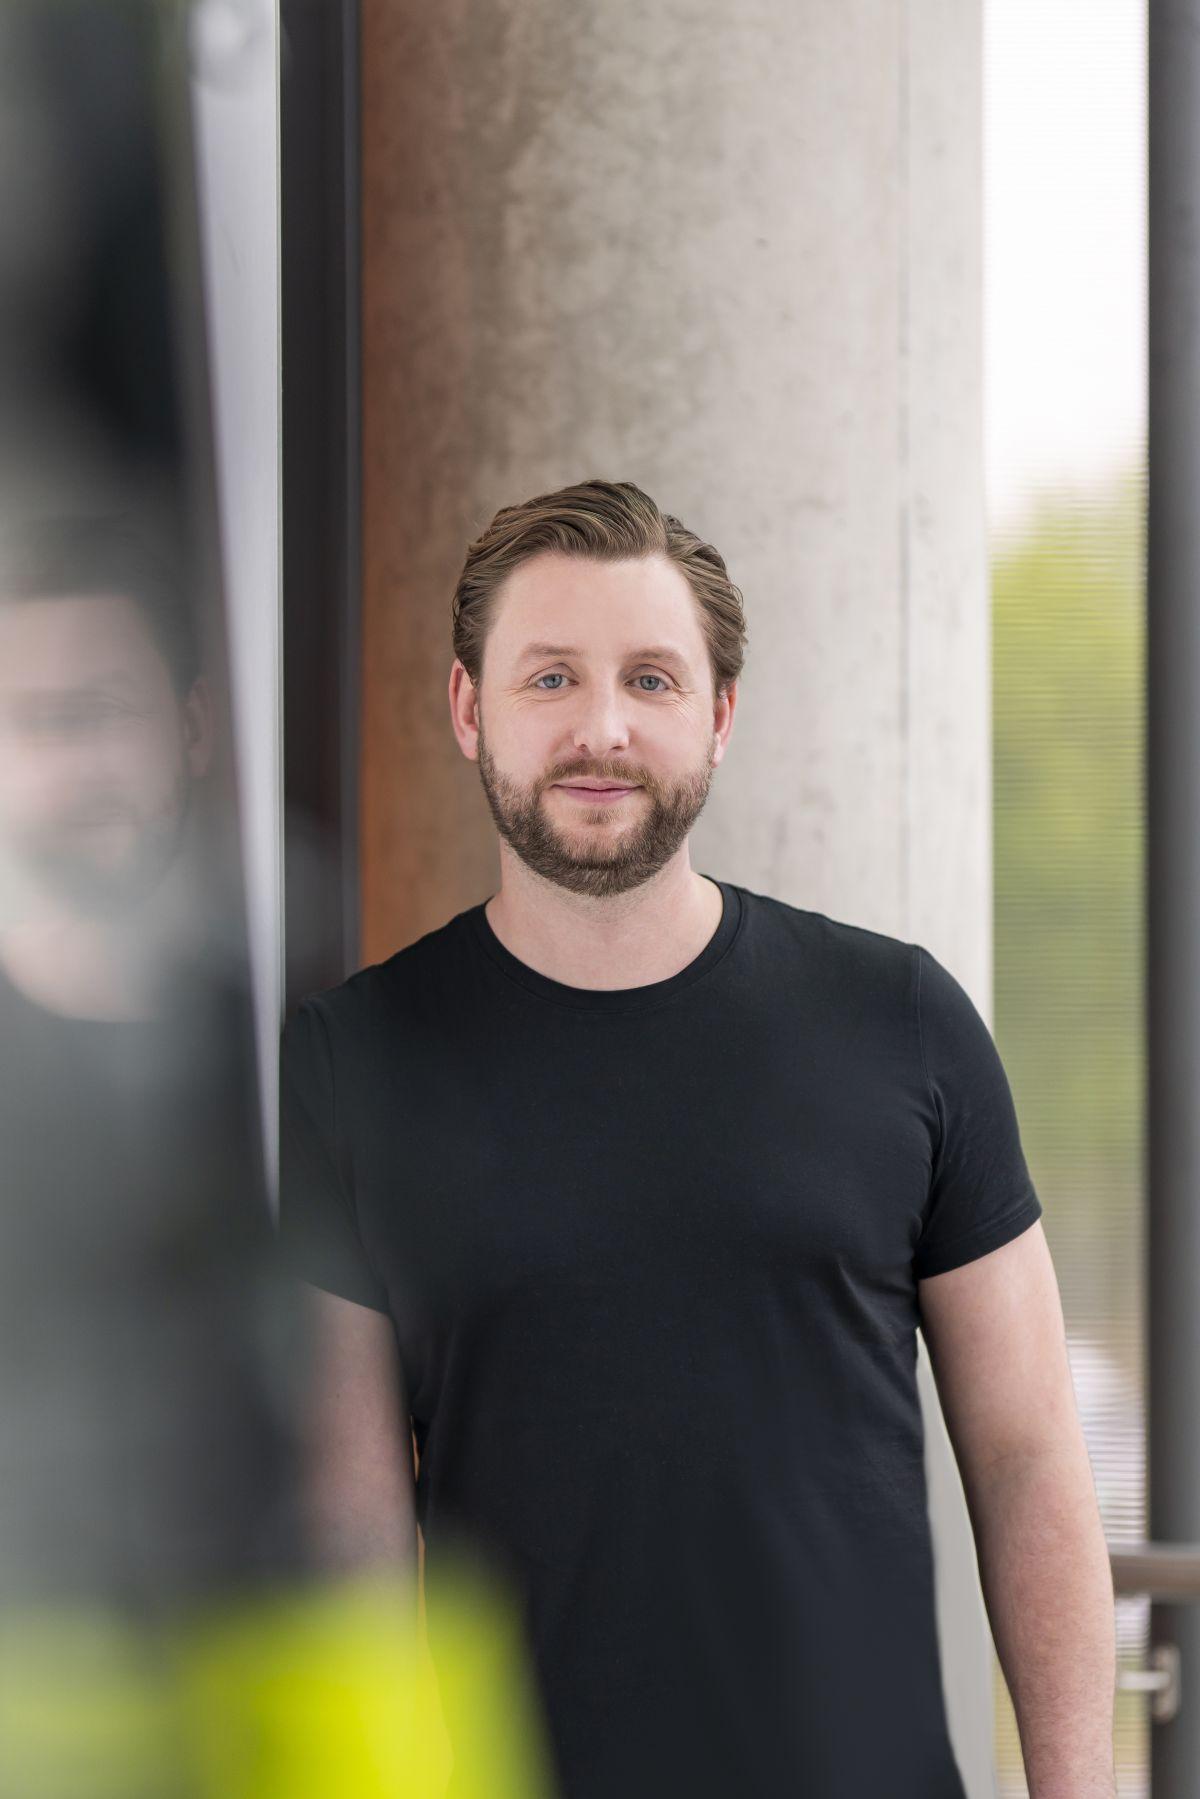 Tim Böker